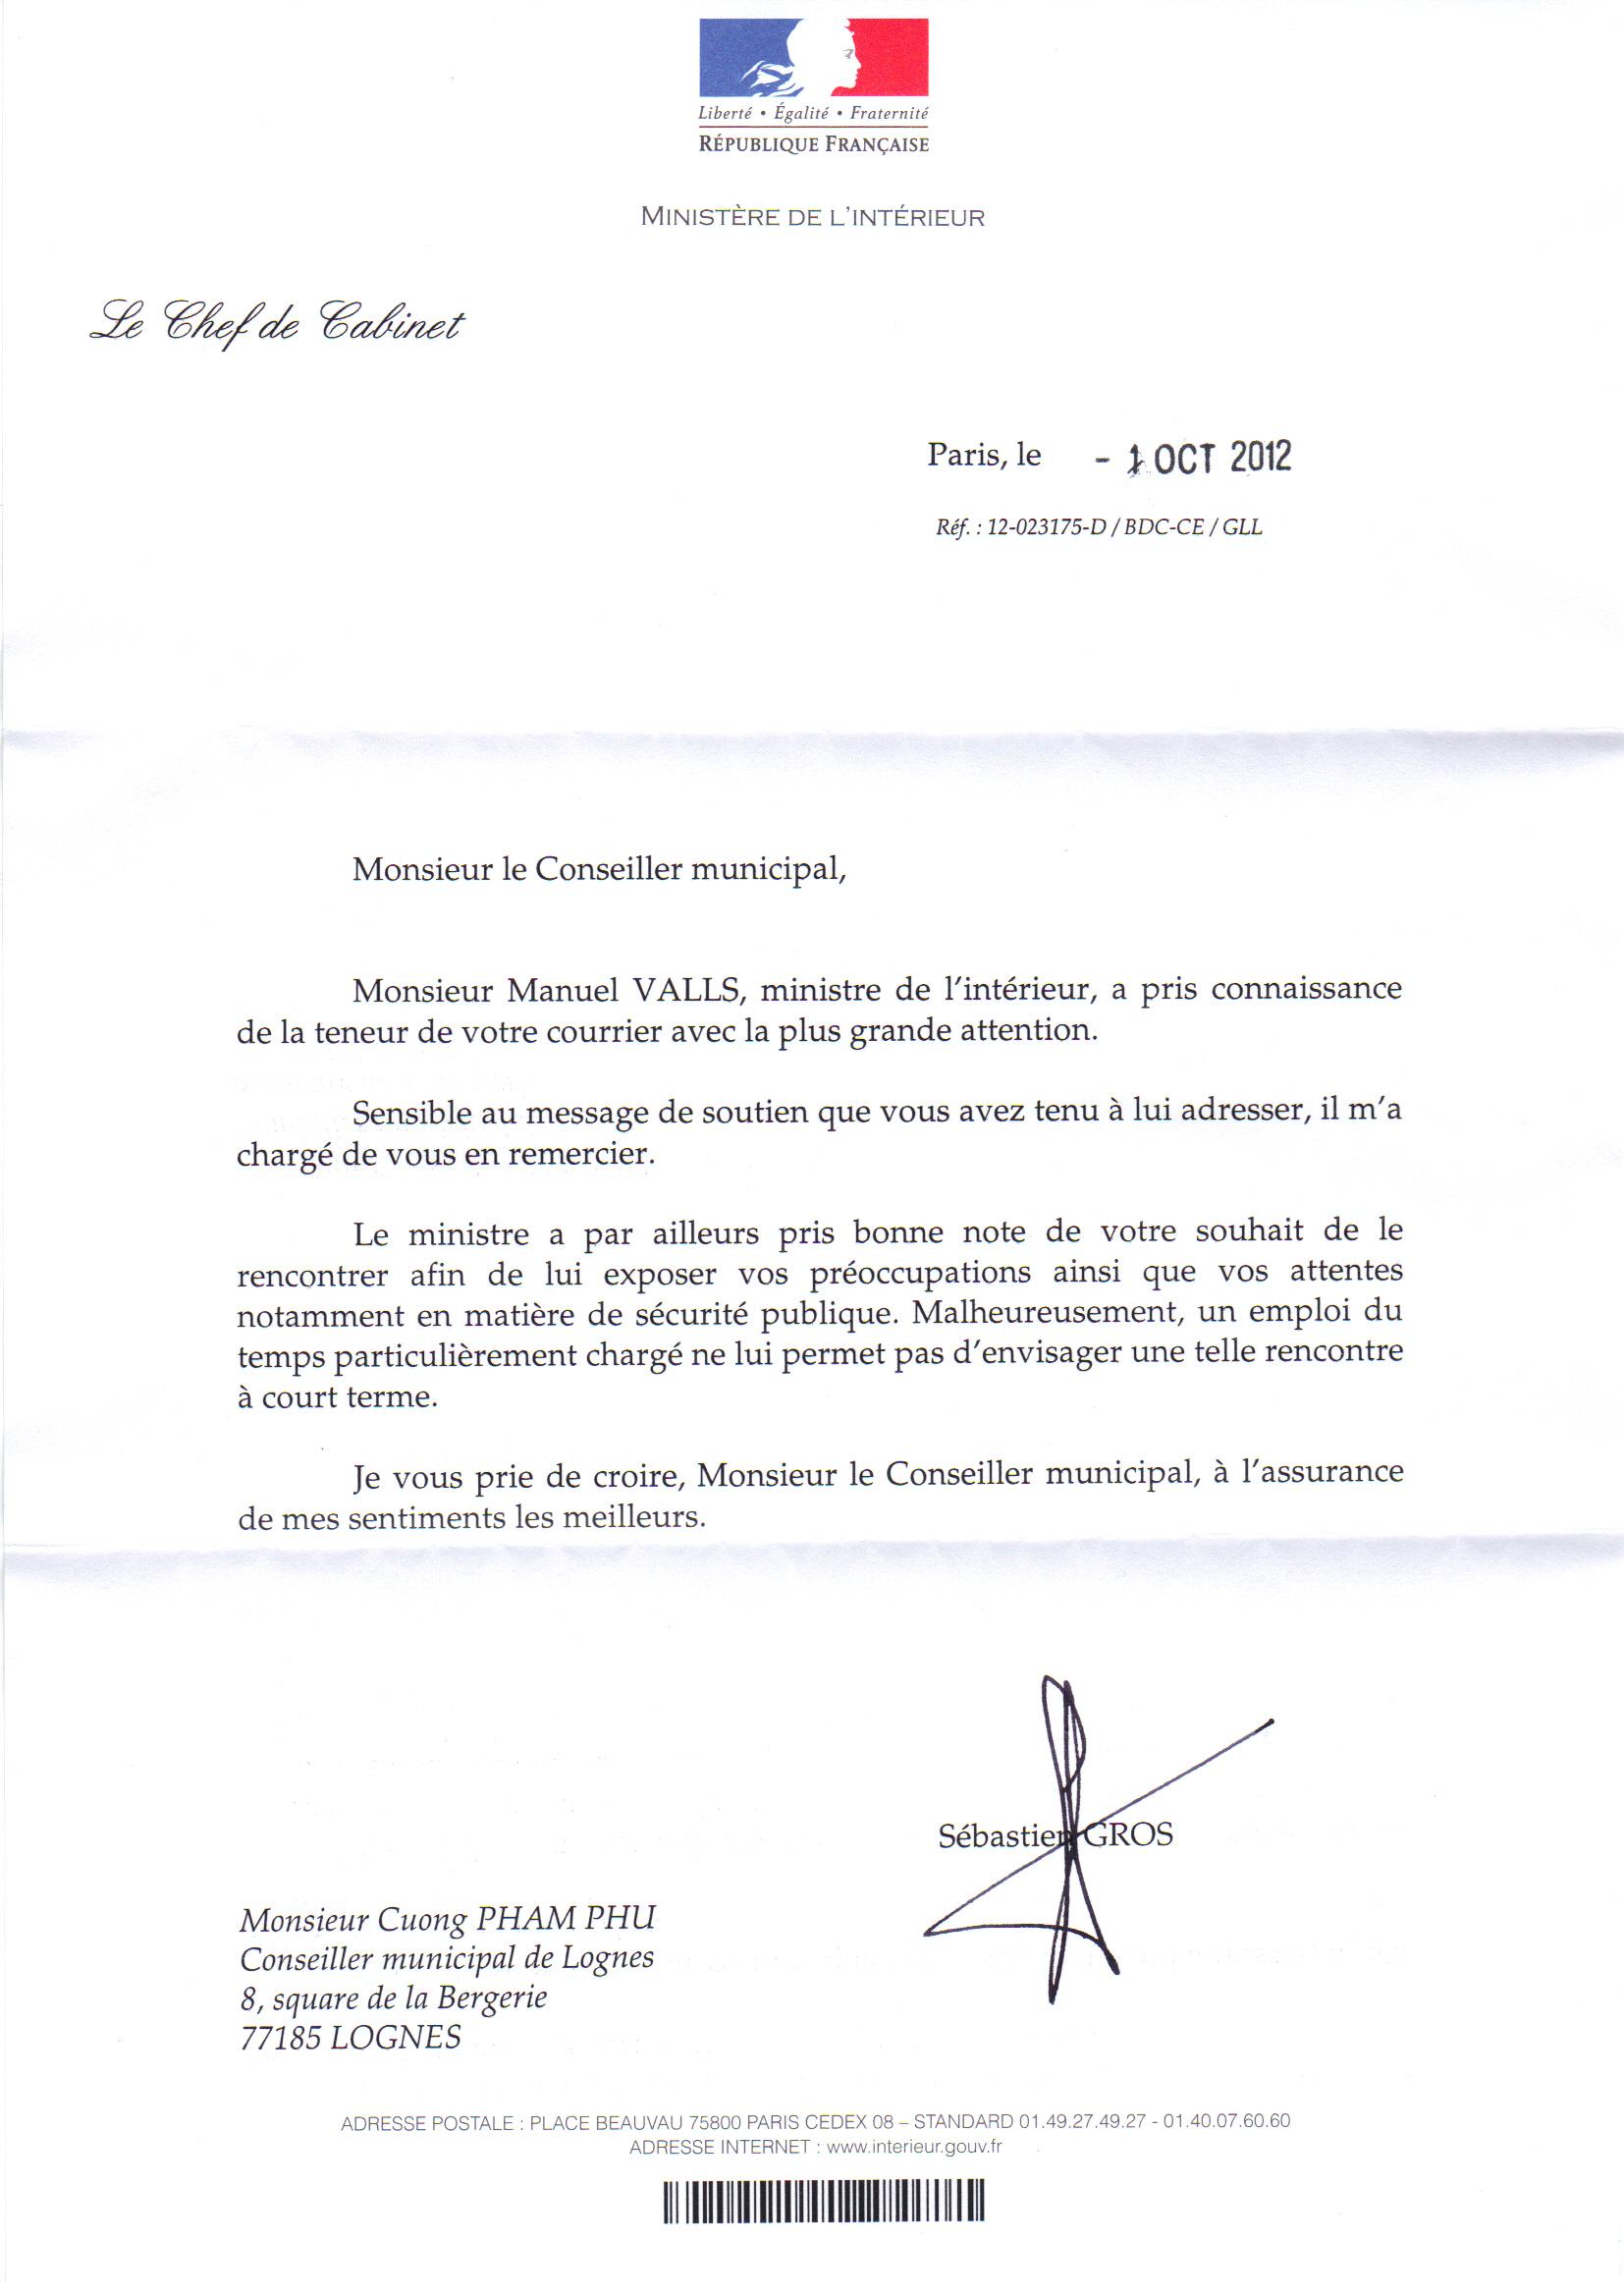 lettre-de-manuel-valls.JPG